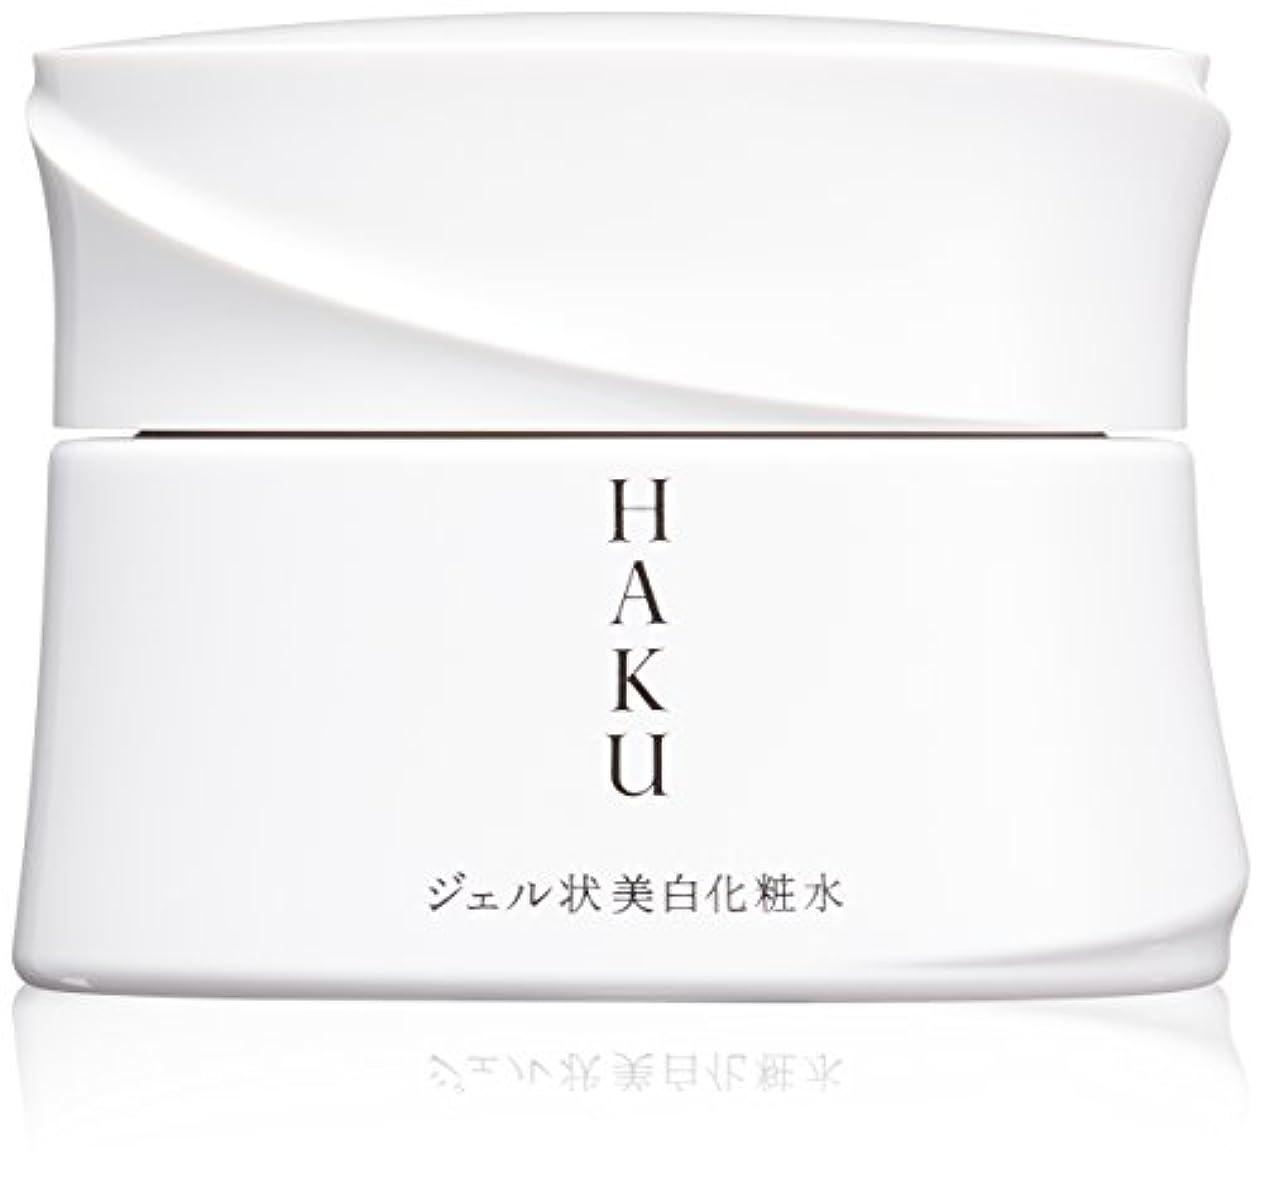 舗装するユニークな断言するHAKU メラノディープモイスチャー 美白化粧水 100g 【医薬部外品】